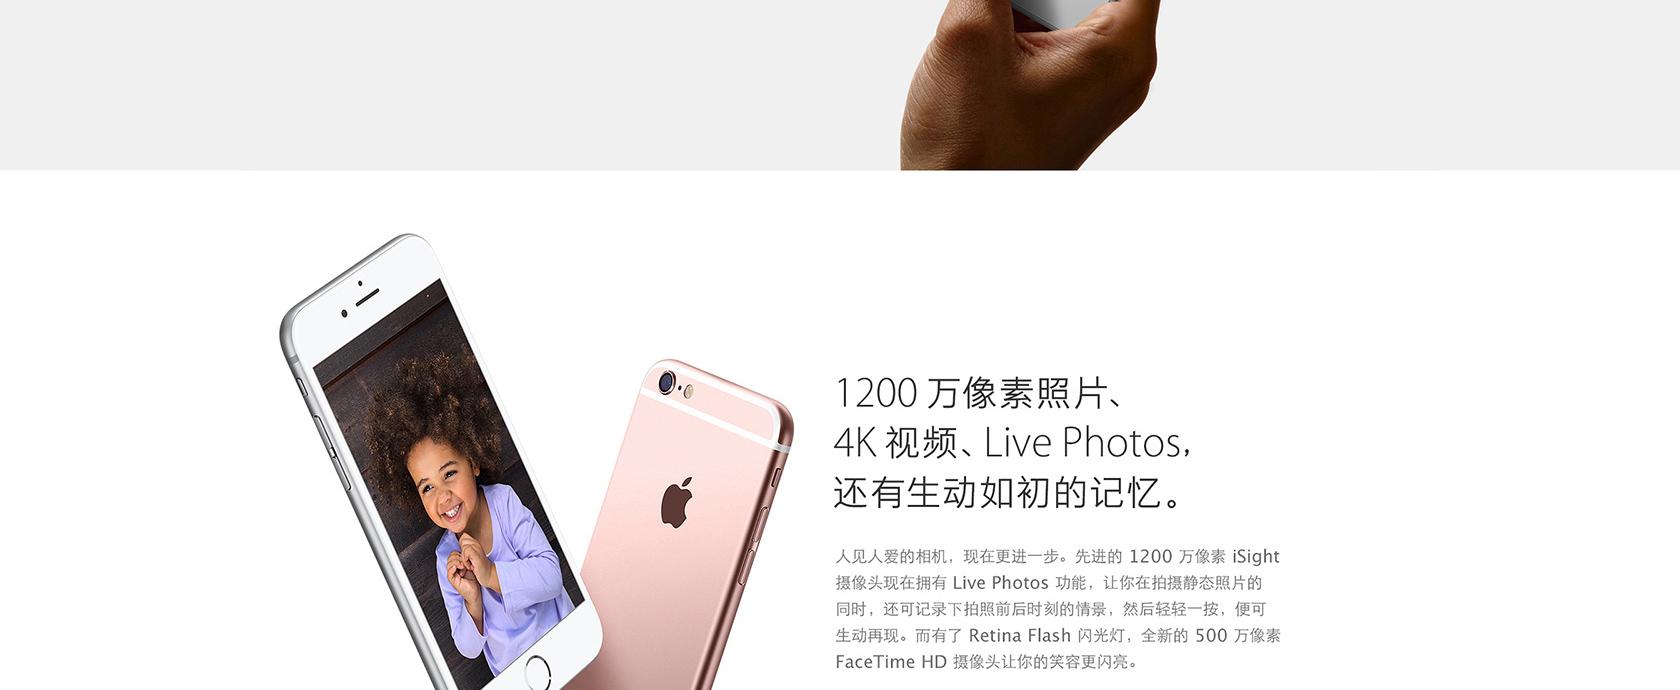 About 1  >> 北京电信iPhone 6s火爆预购中……